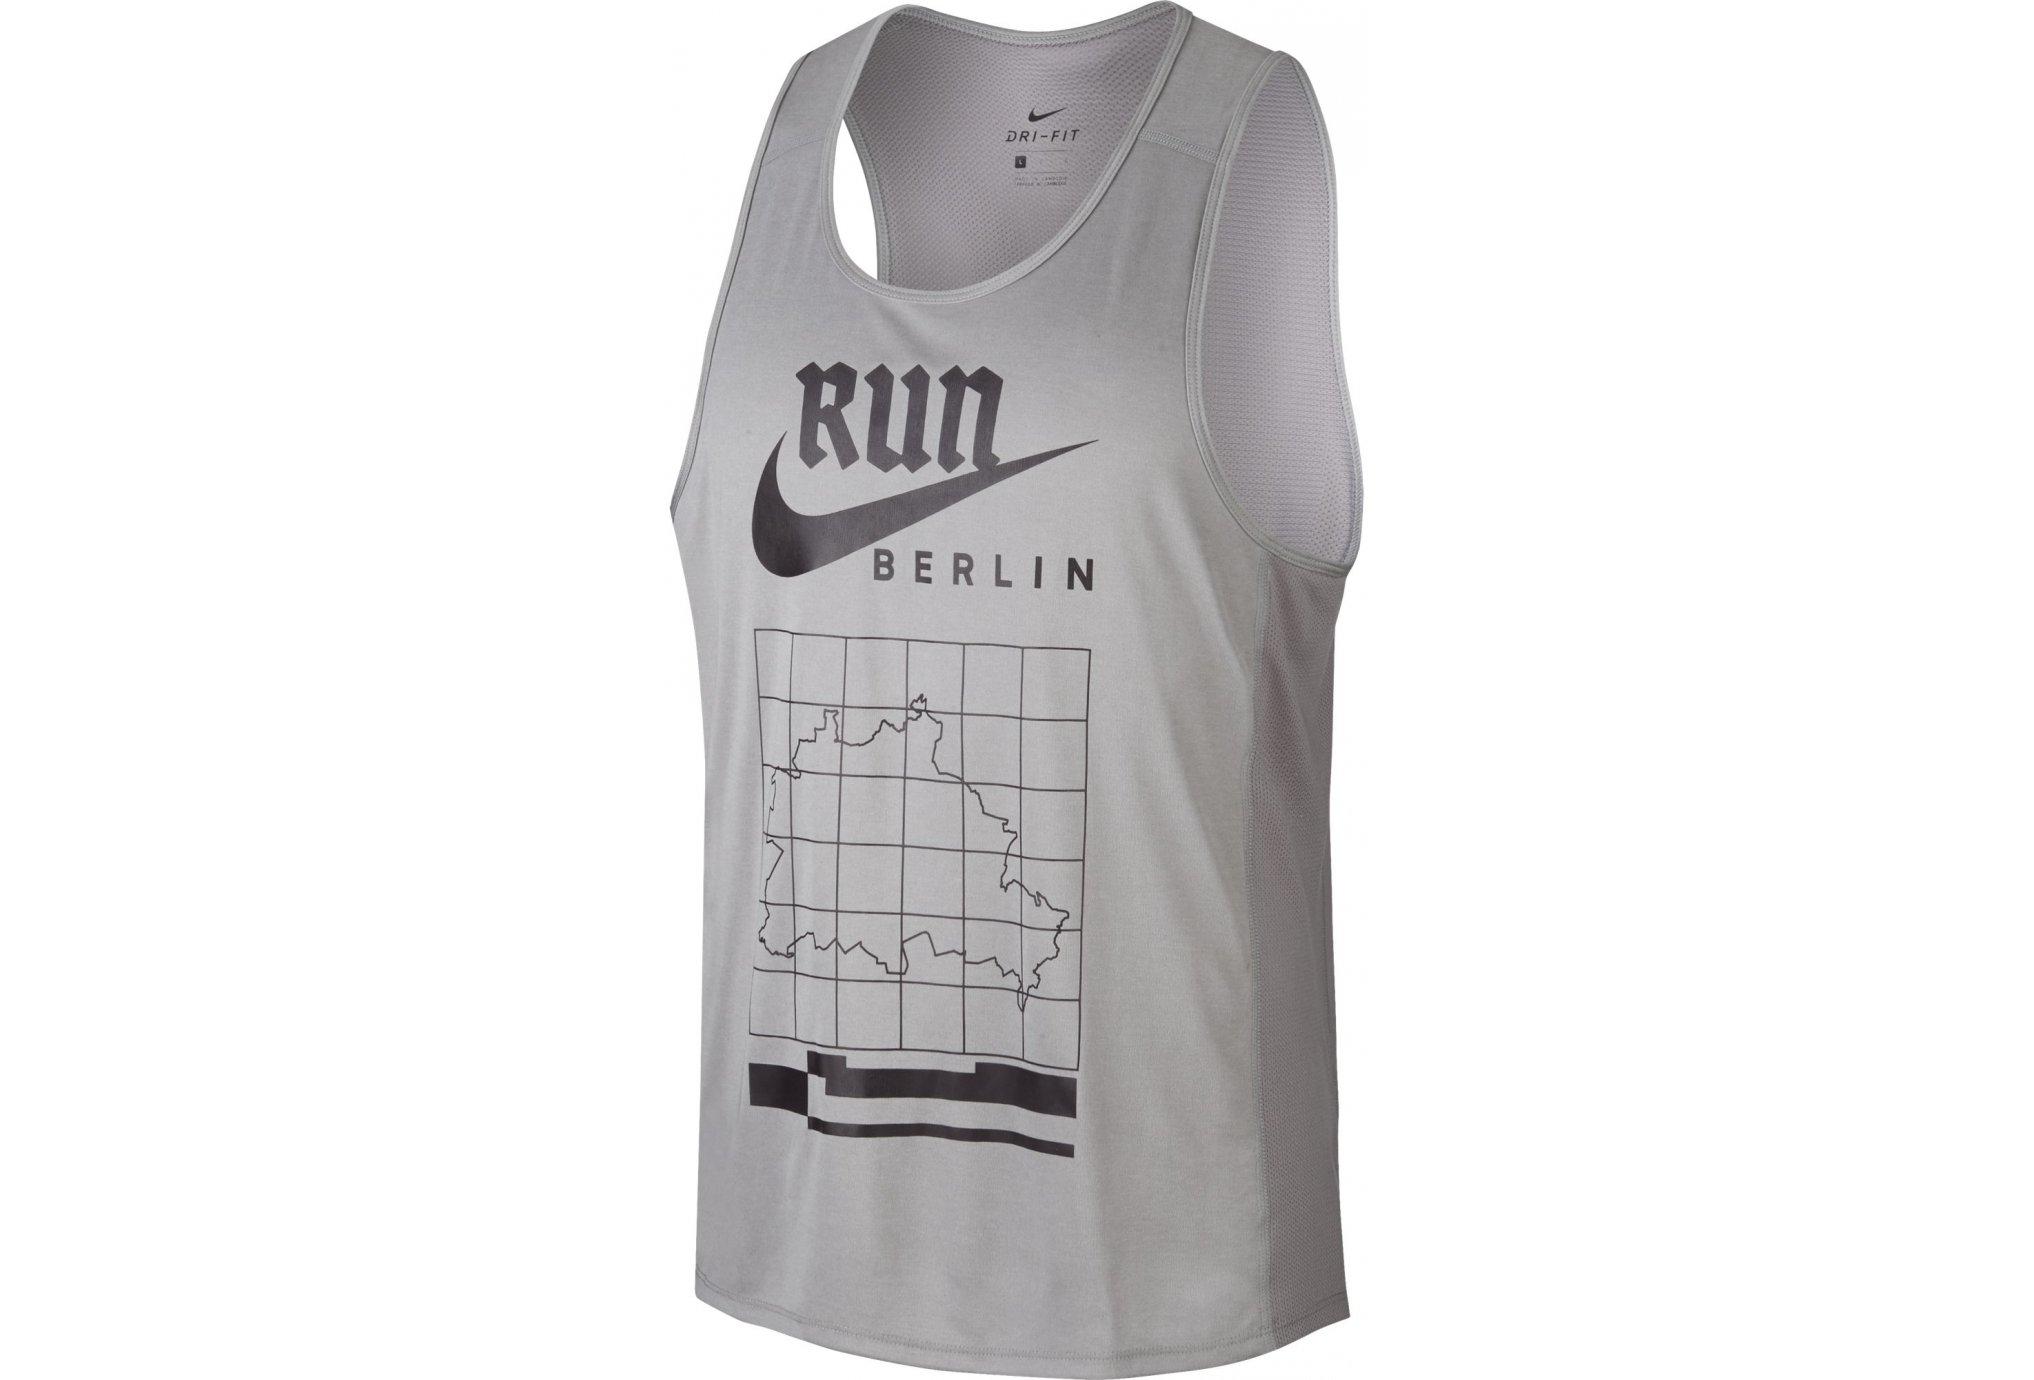 Nike Dry Miler Berlin M vêtement running homme